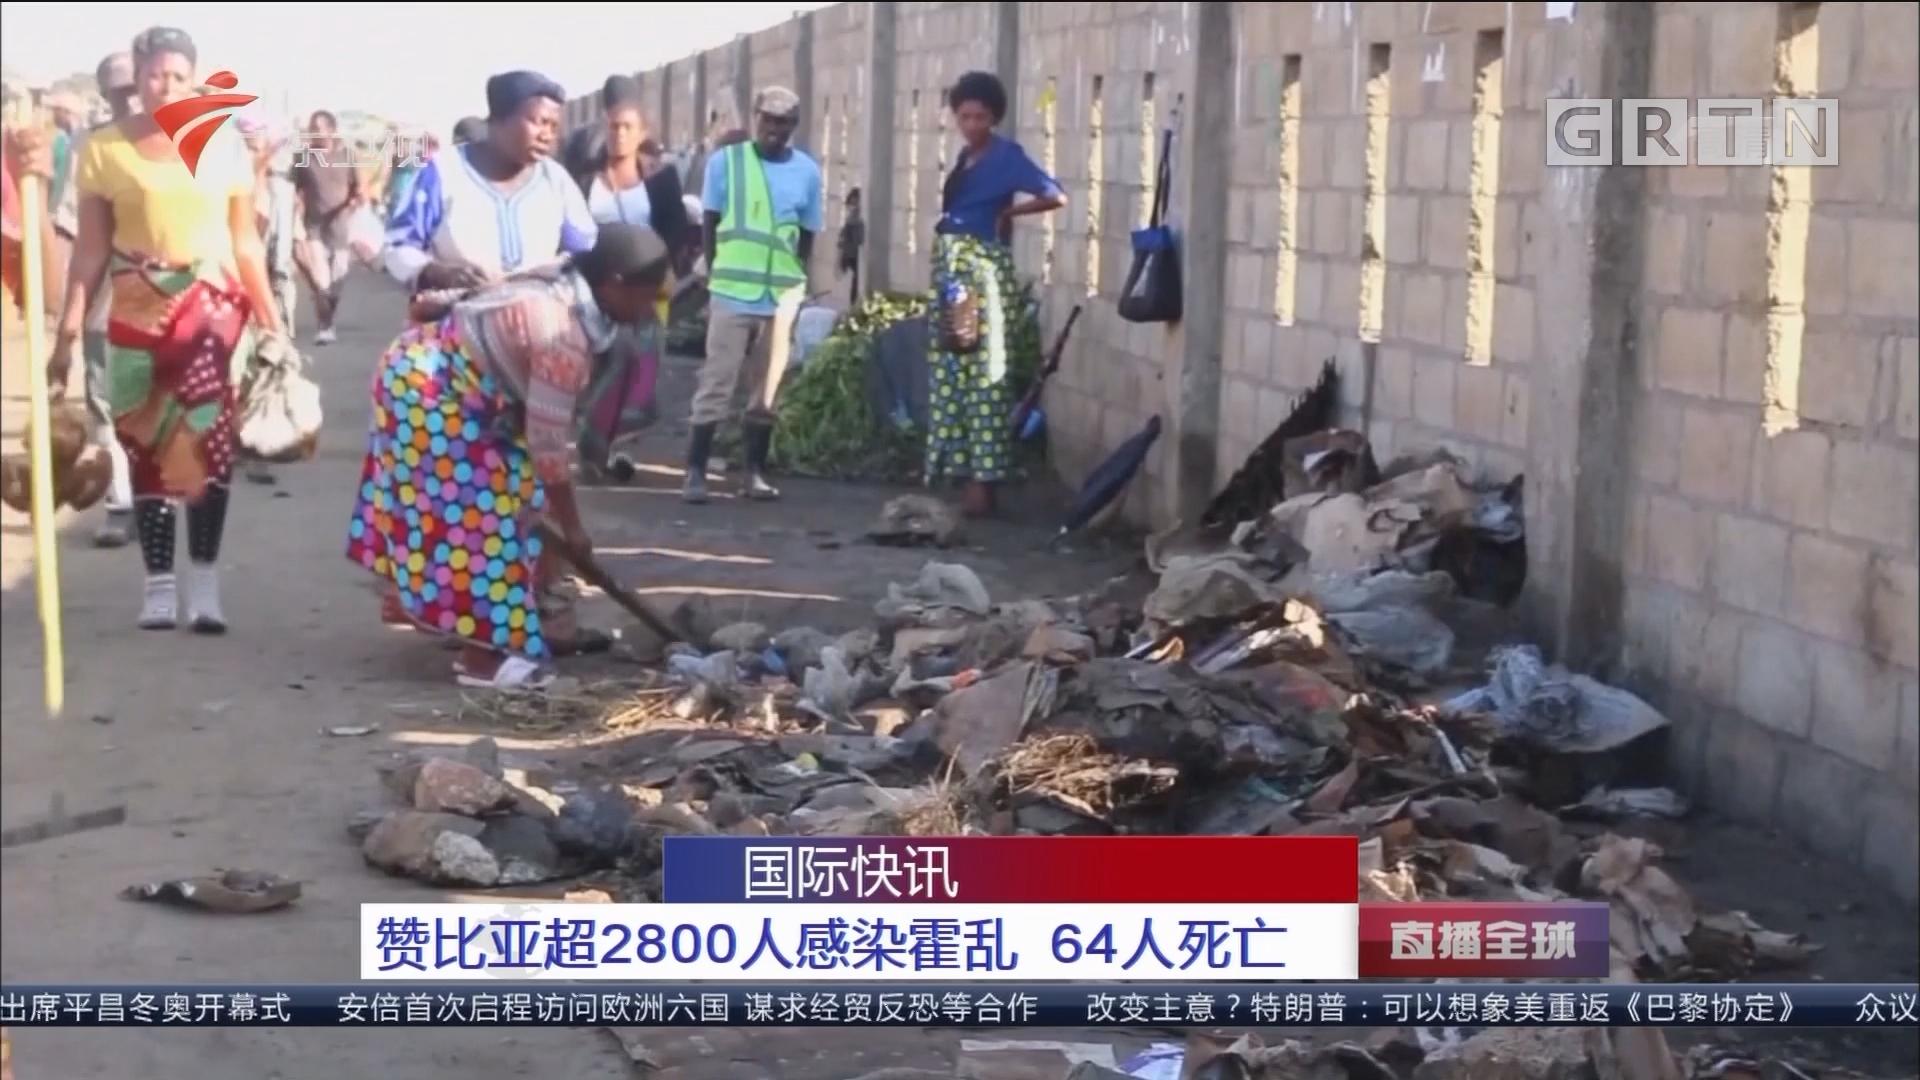 赞比亚超2800人感染霍乱 64人死亡